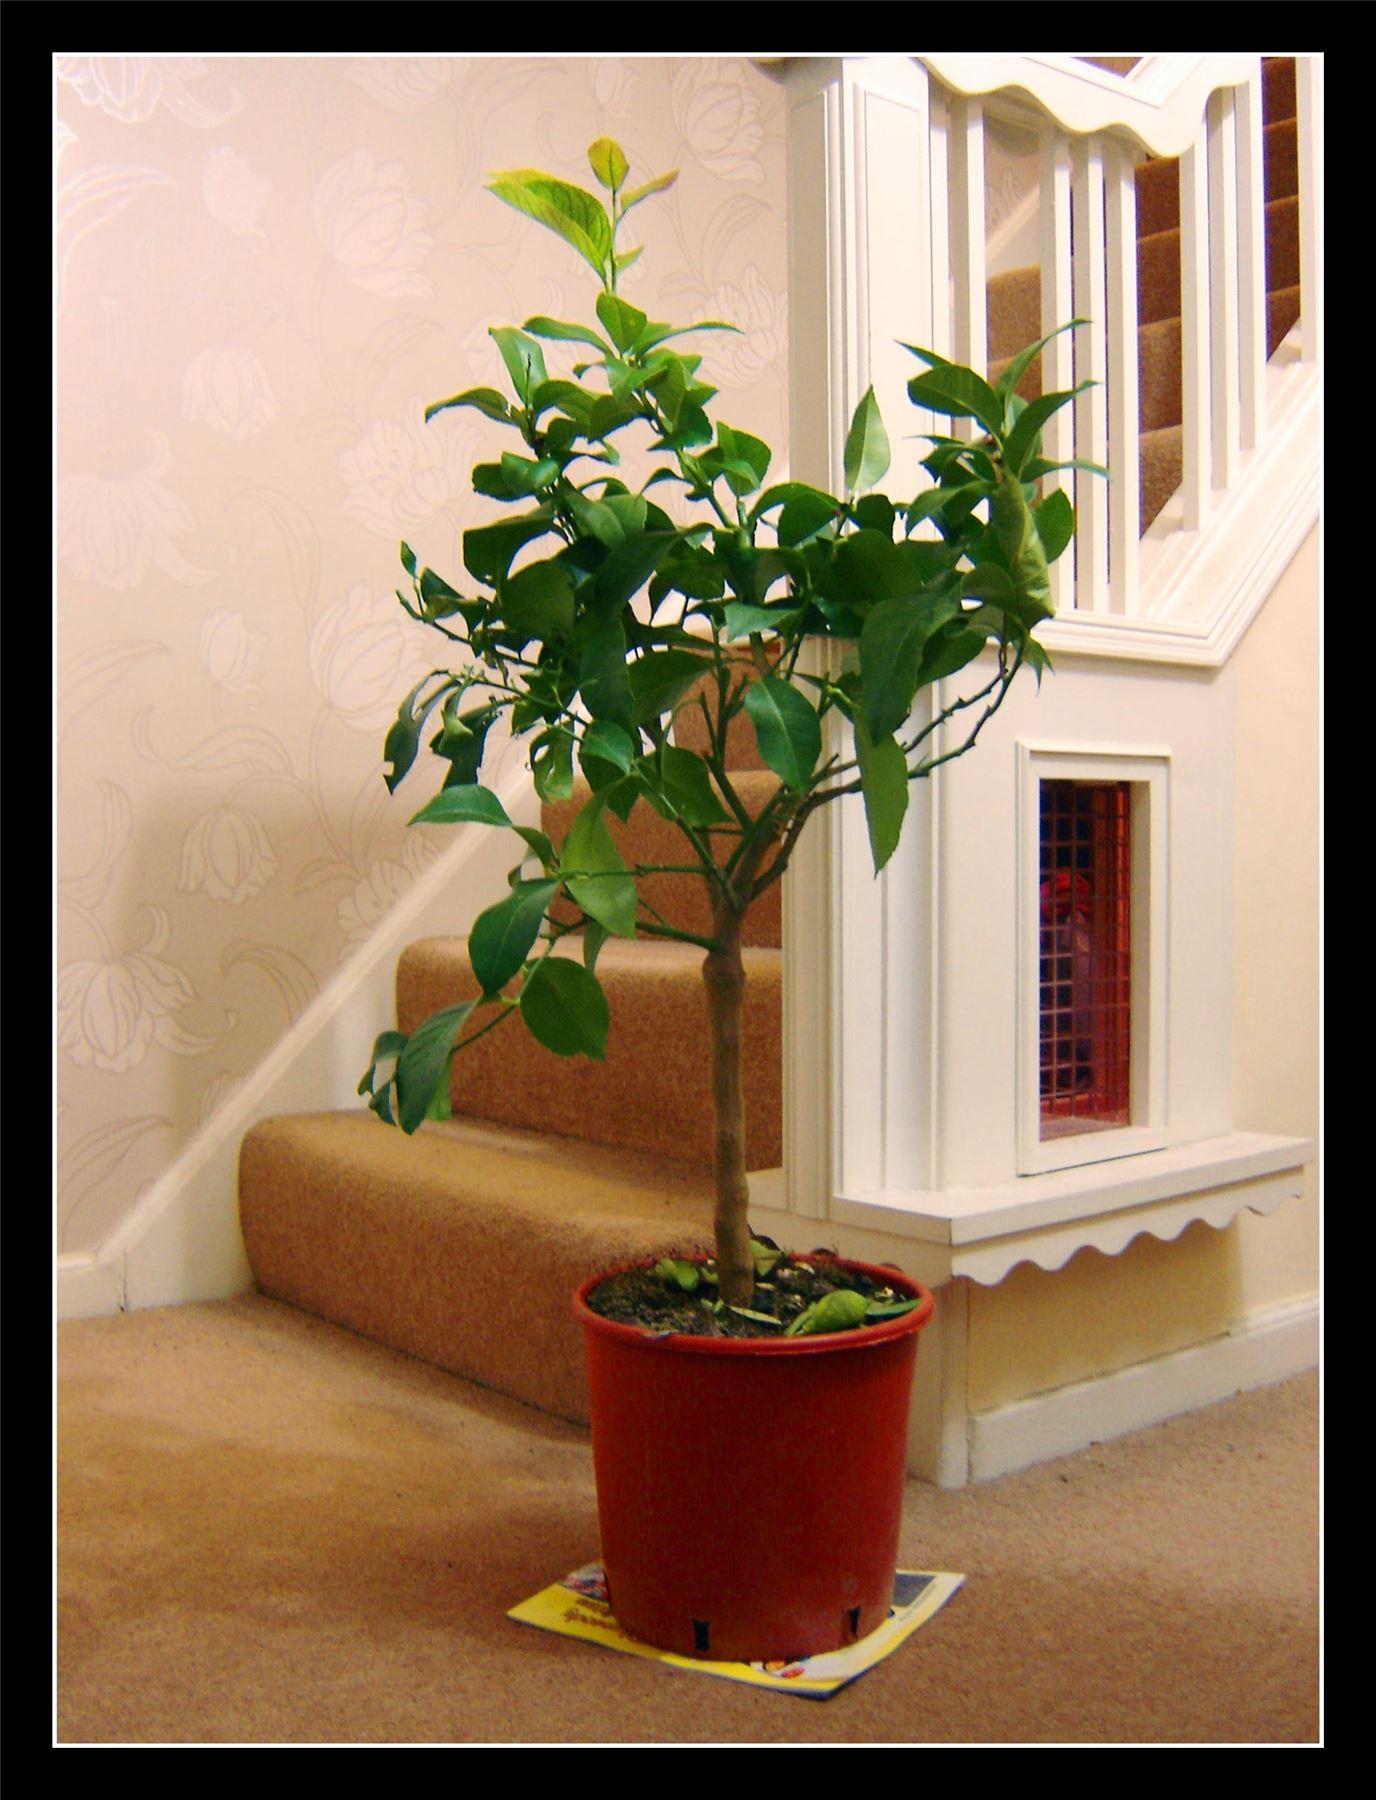 1 grandes mature debout parfum citron citrus garden fruit tree house plant en pot ebay. Black Bedroom Furniture Sets. Home Design Ideas